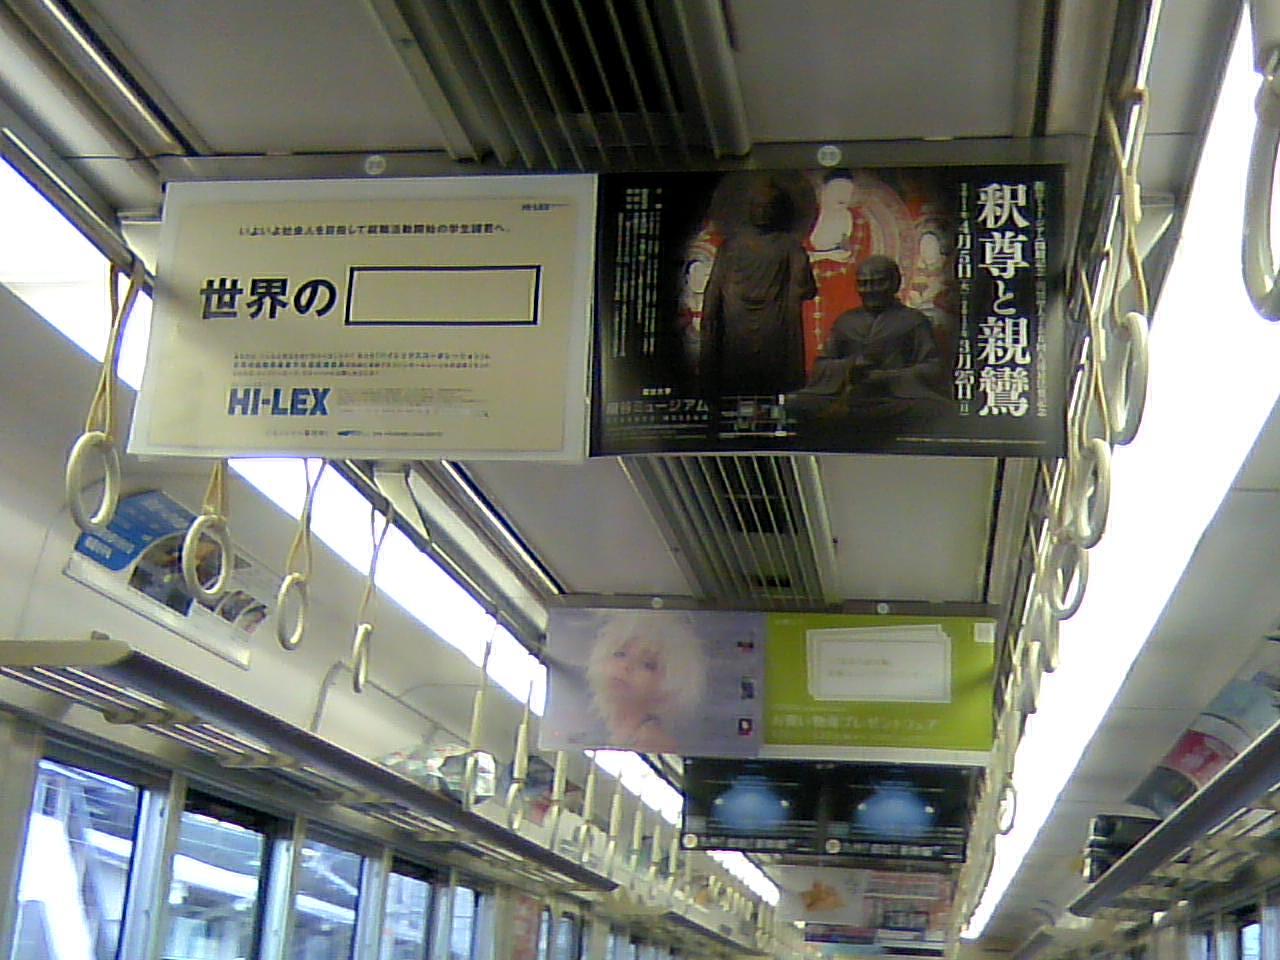 大阪へ向かう列車の中で釈尊と親鸞展のポスター発見